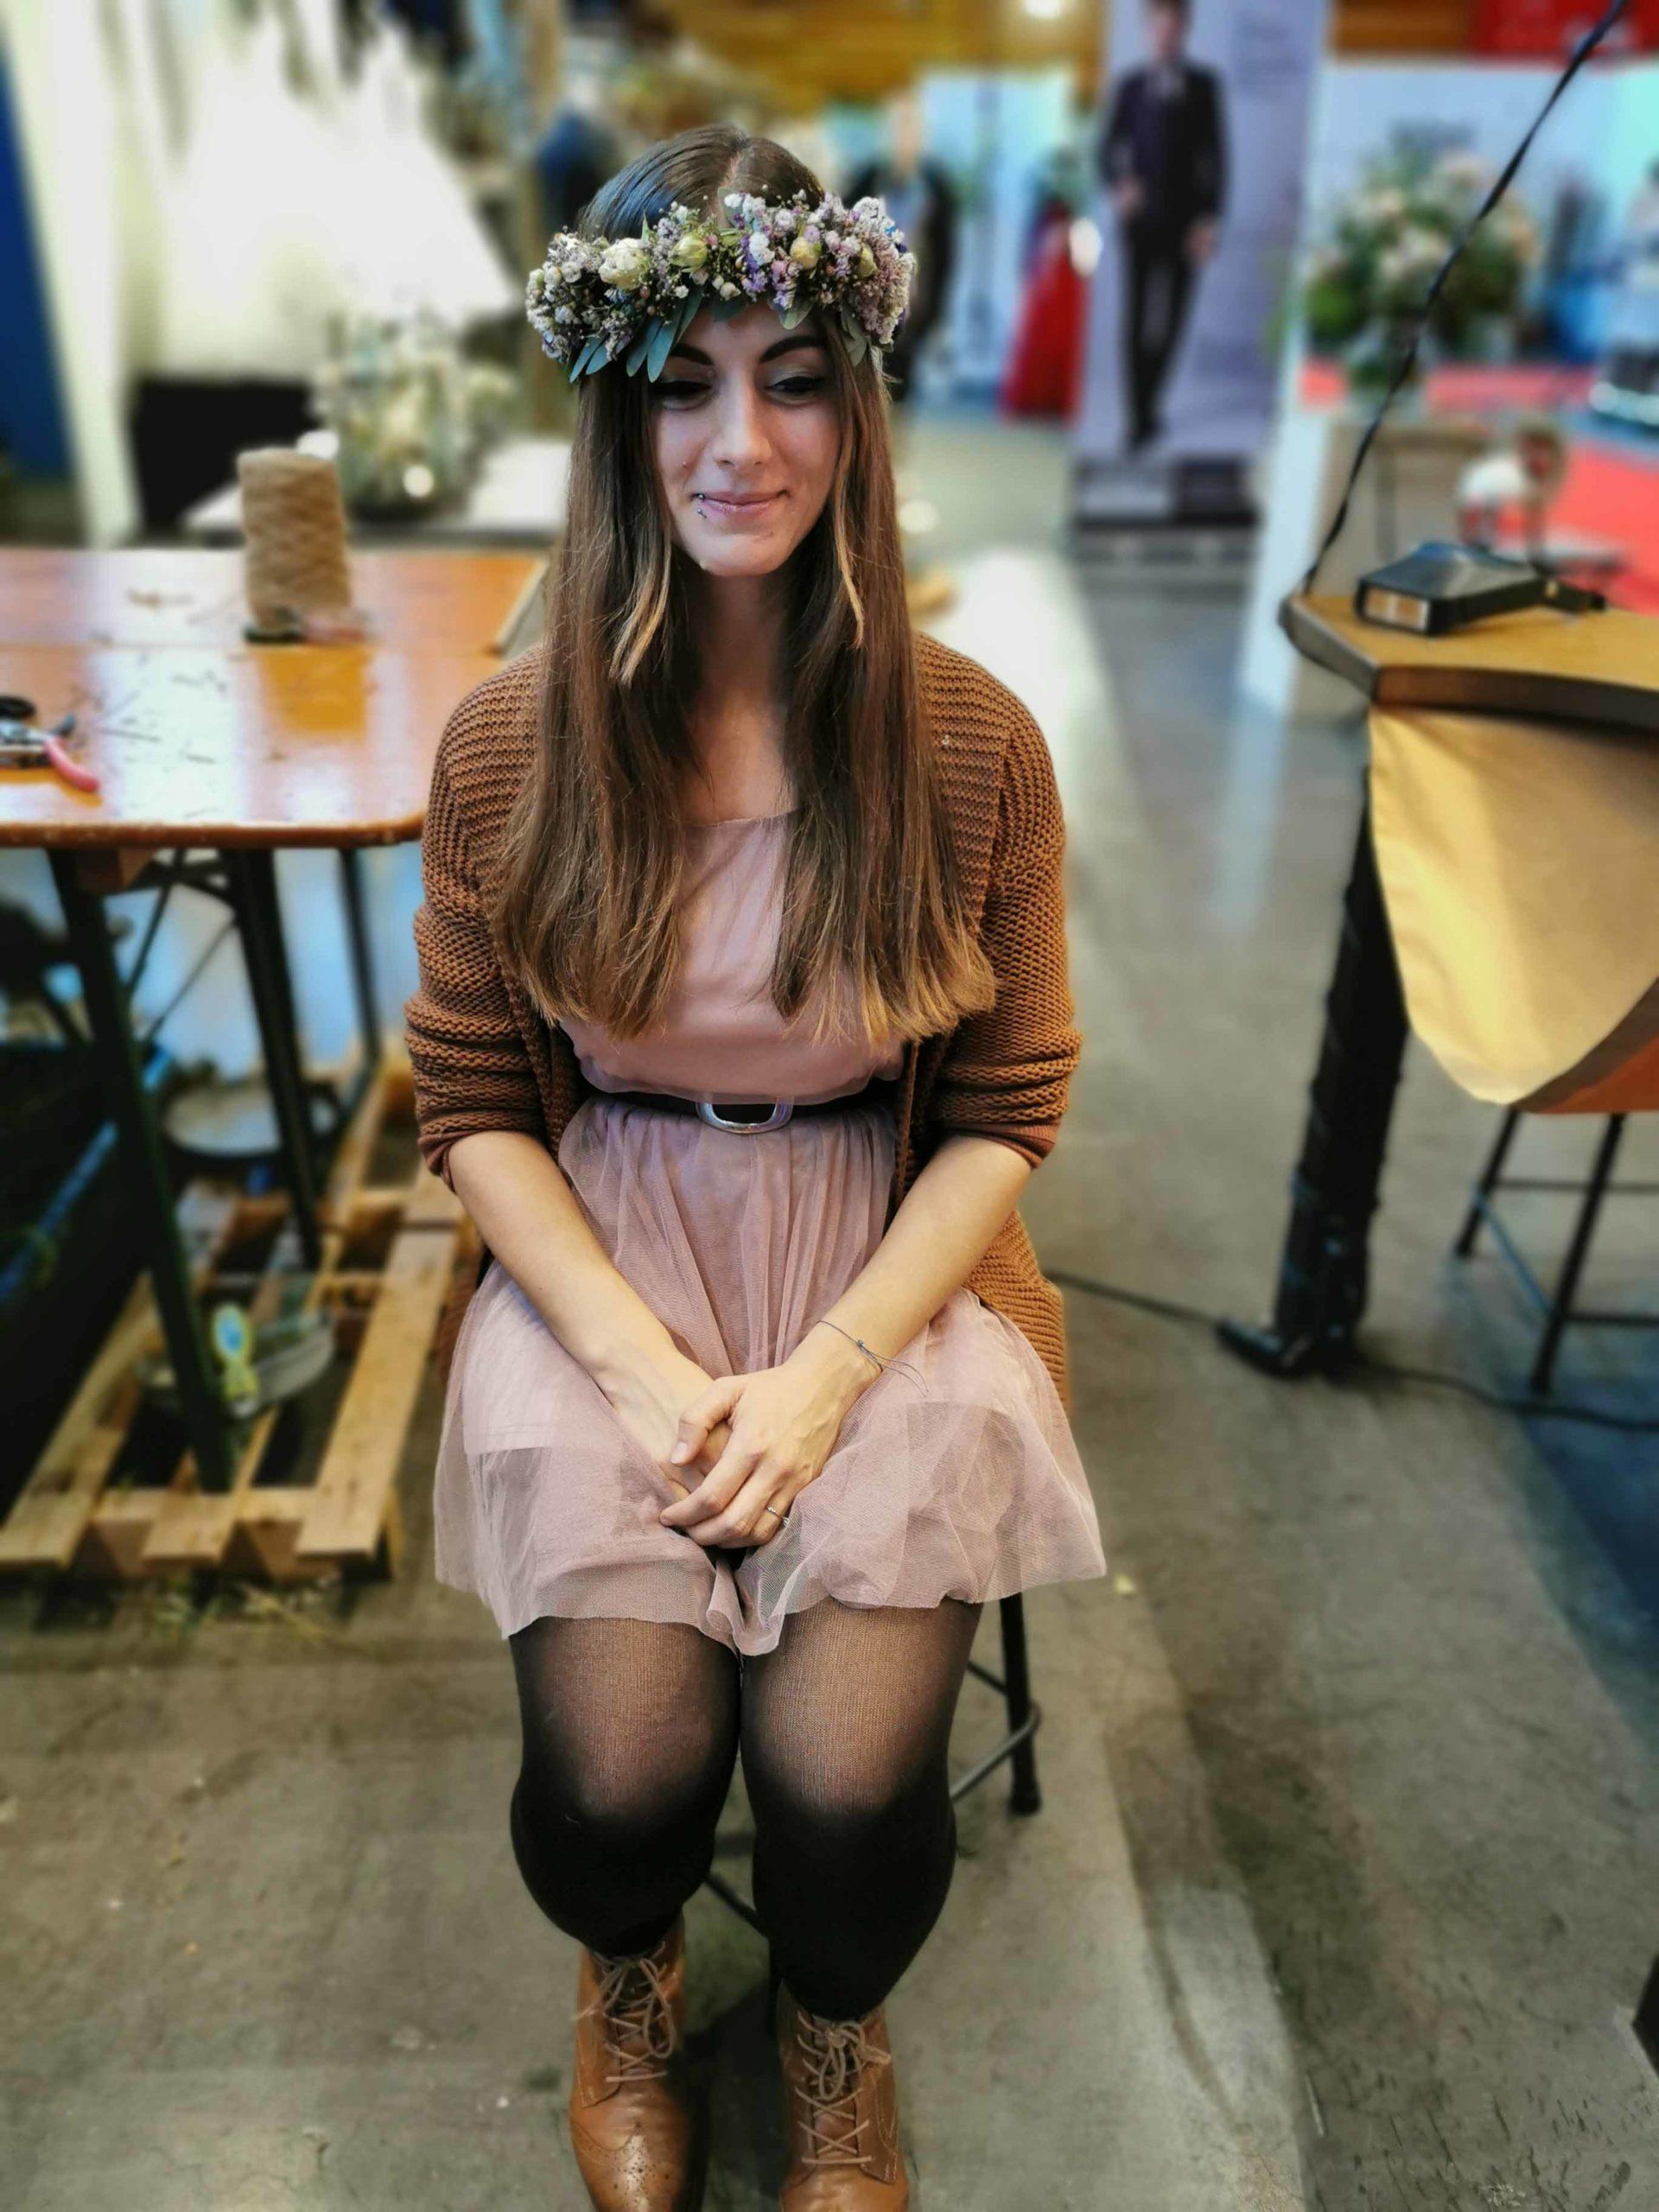 Naturfloristik Fabienne Waibel, Messen, Kurse, Hochzeit, Taufe, Firmenfeier